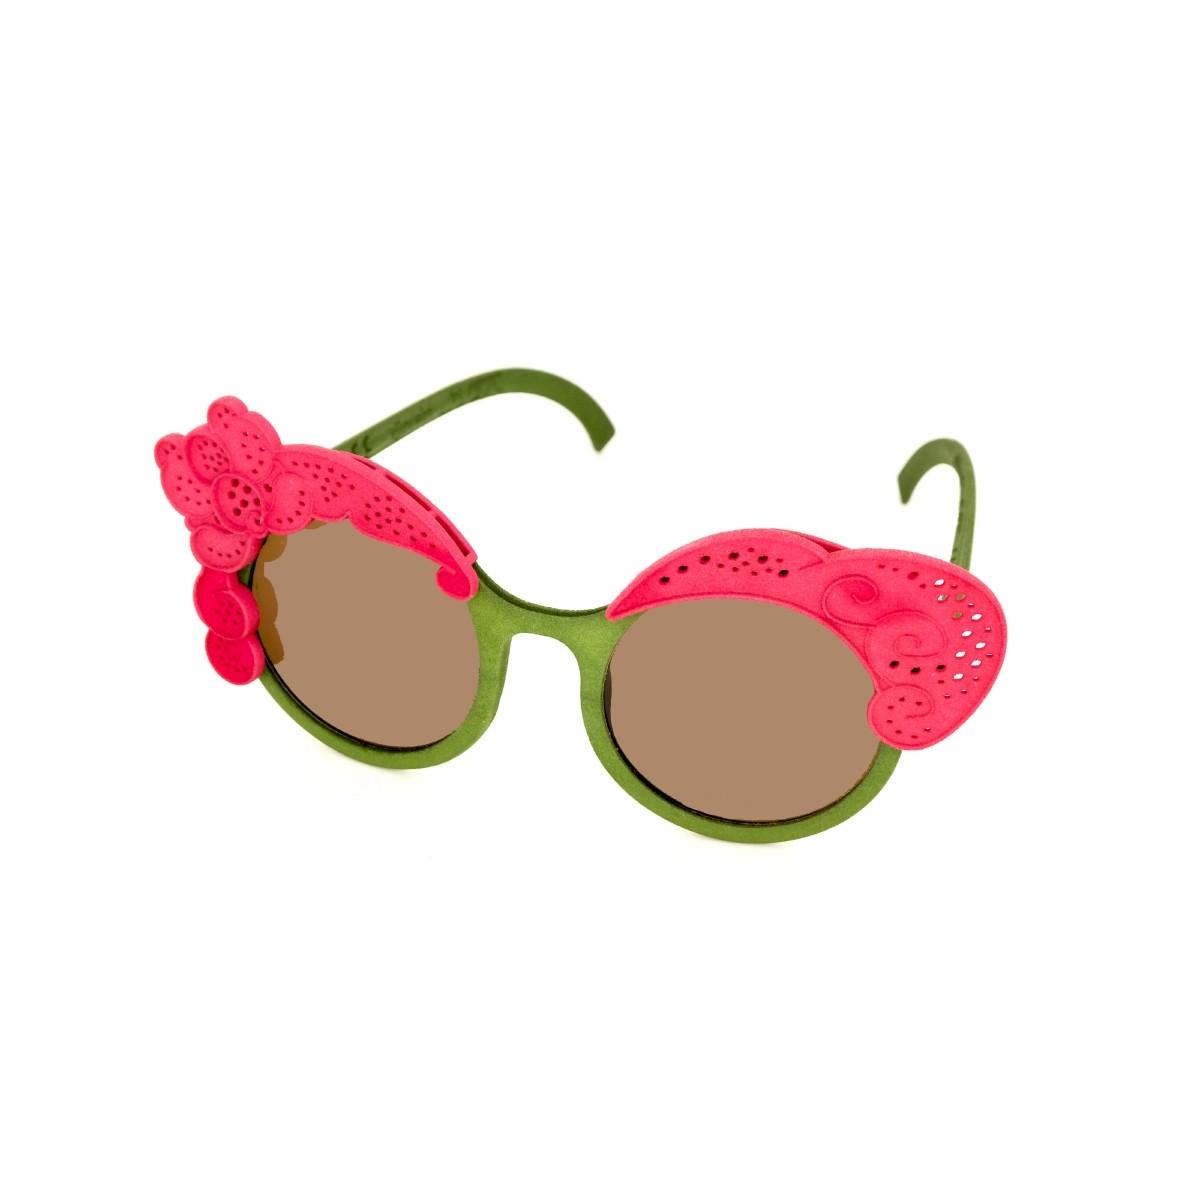 Cambiami Burano donna verde, 90,00€, Occhiali Cambiami Verde a forma Rotondo